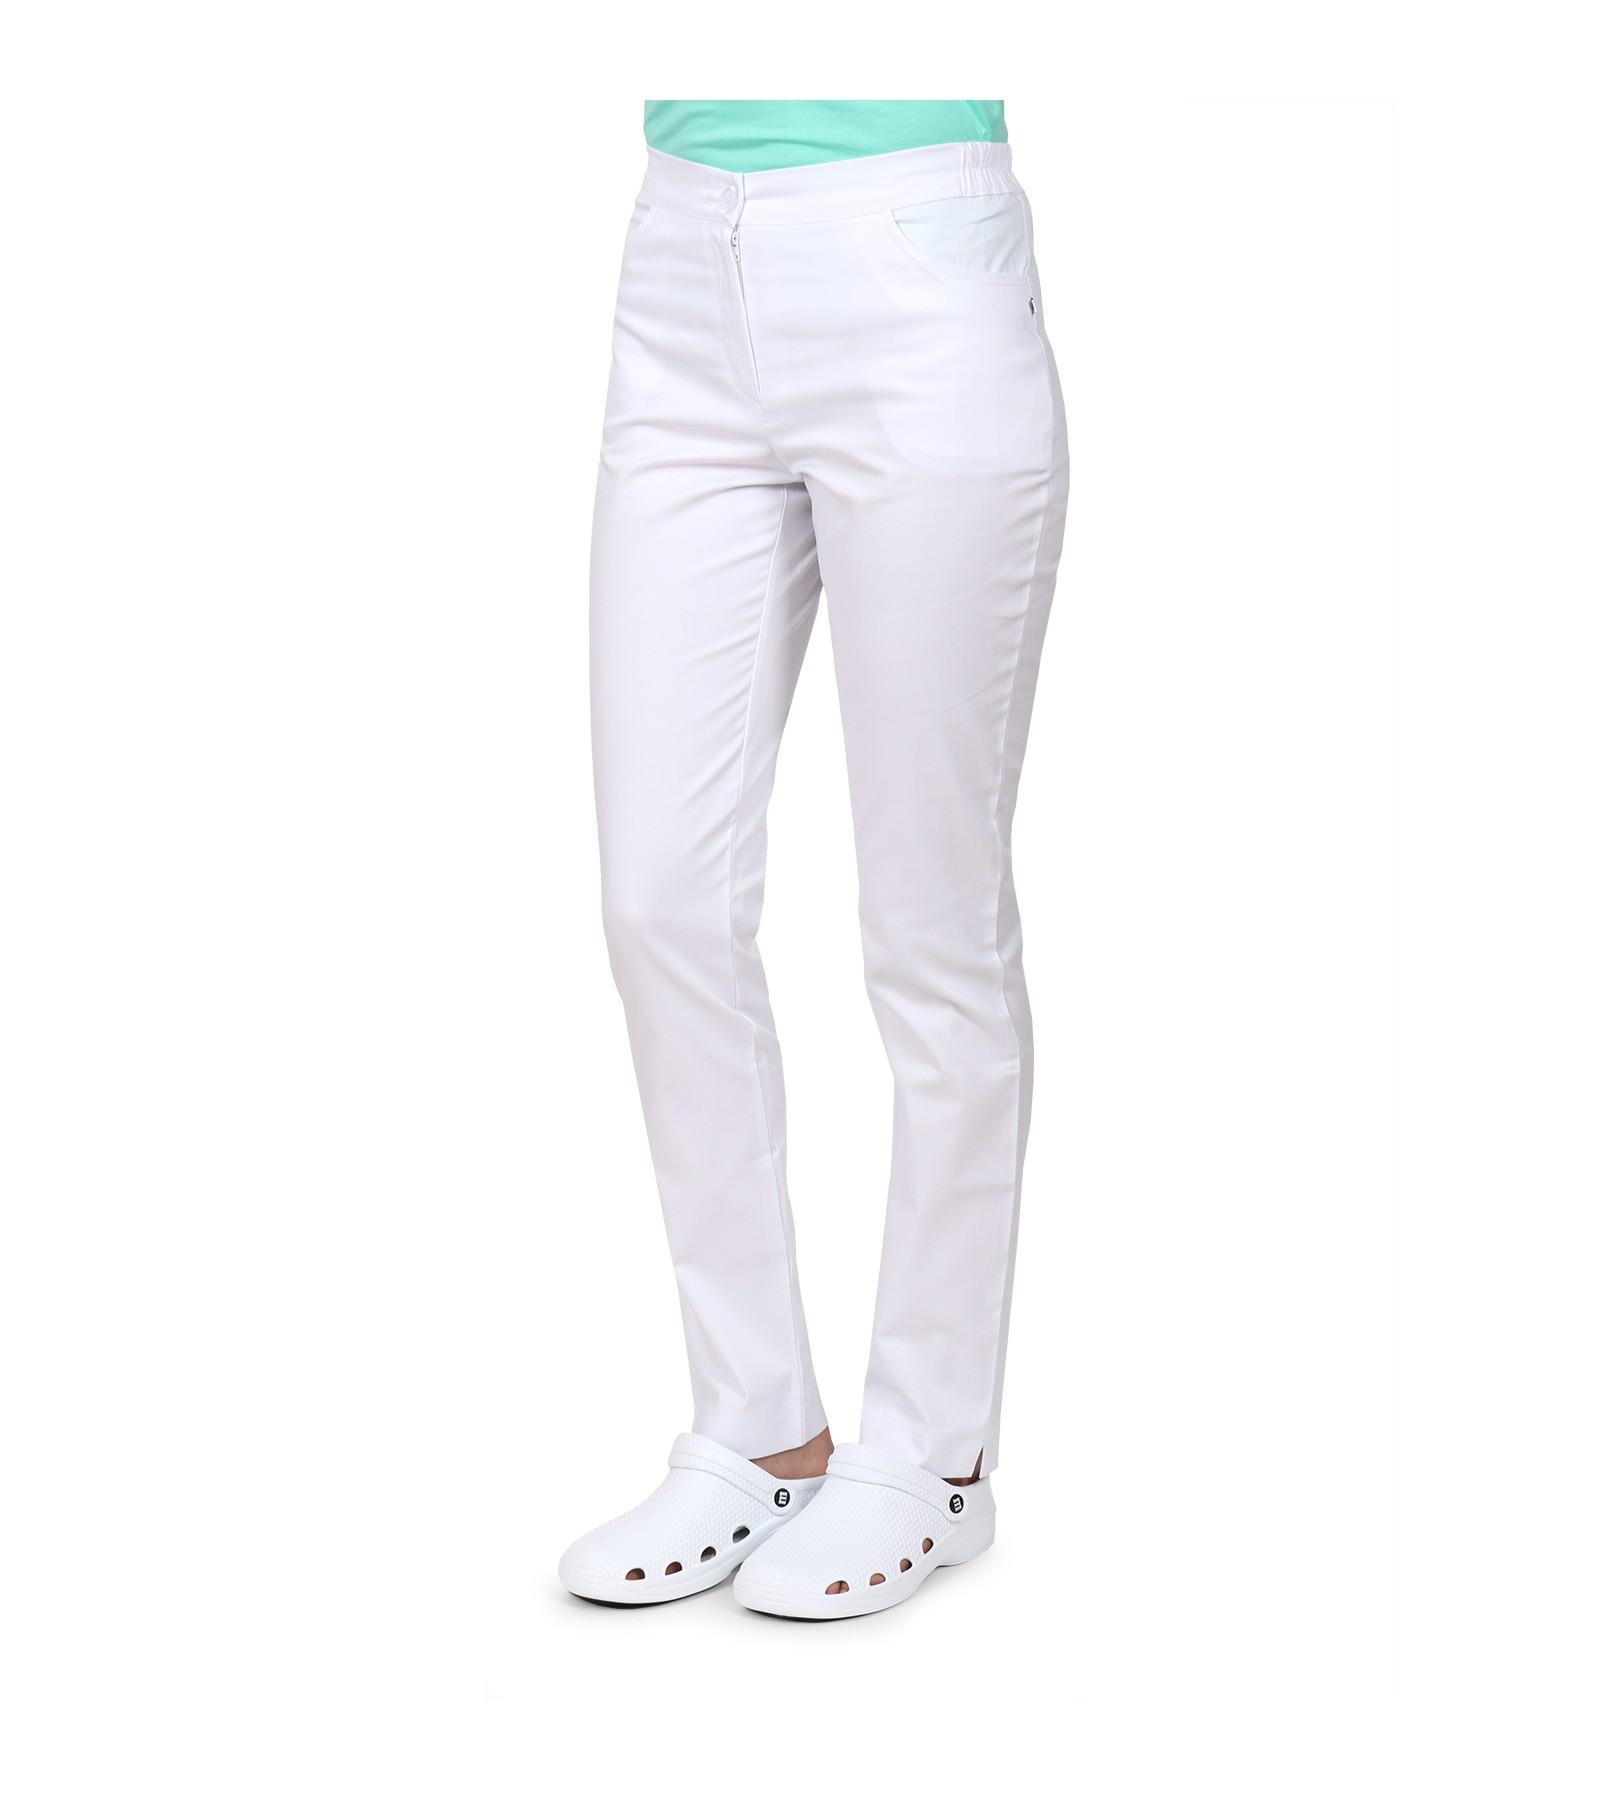 b95284f8 Spodnie damskie medyczne z kieszeniami, bawełna z elastanem, białe